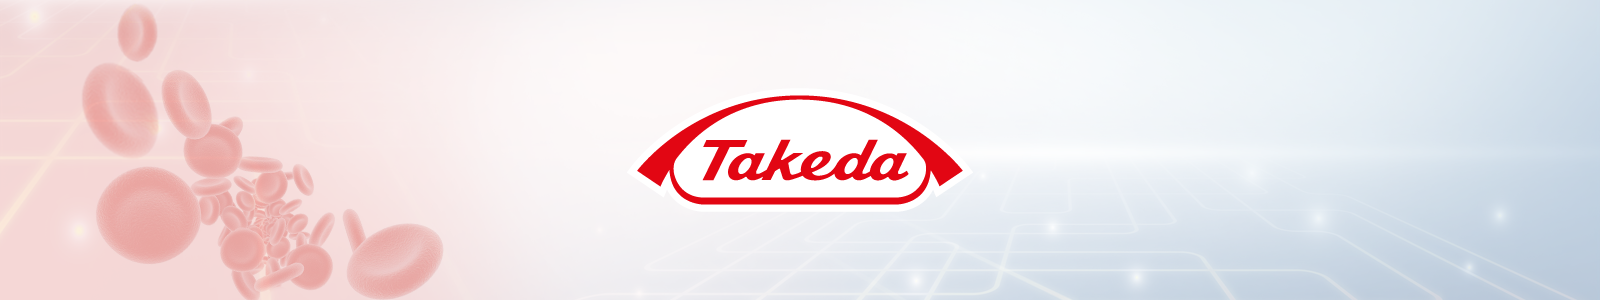 DC-banner patrocinadores-Takeda